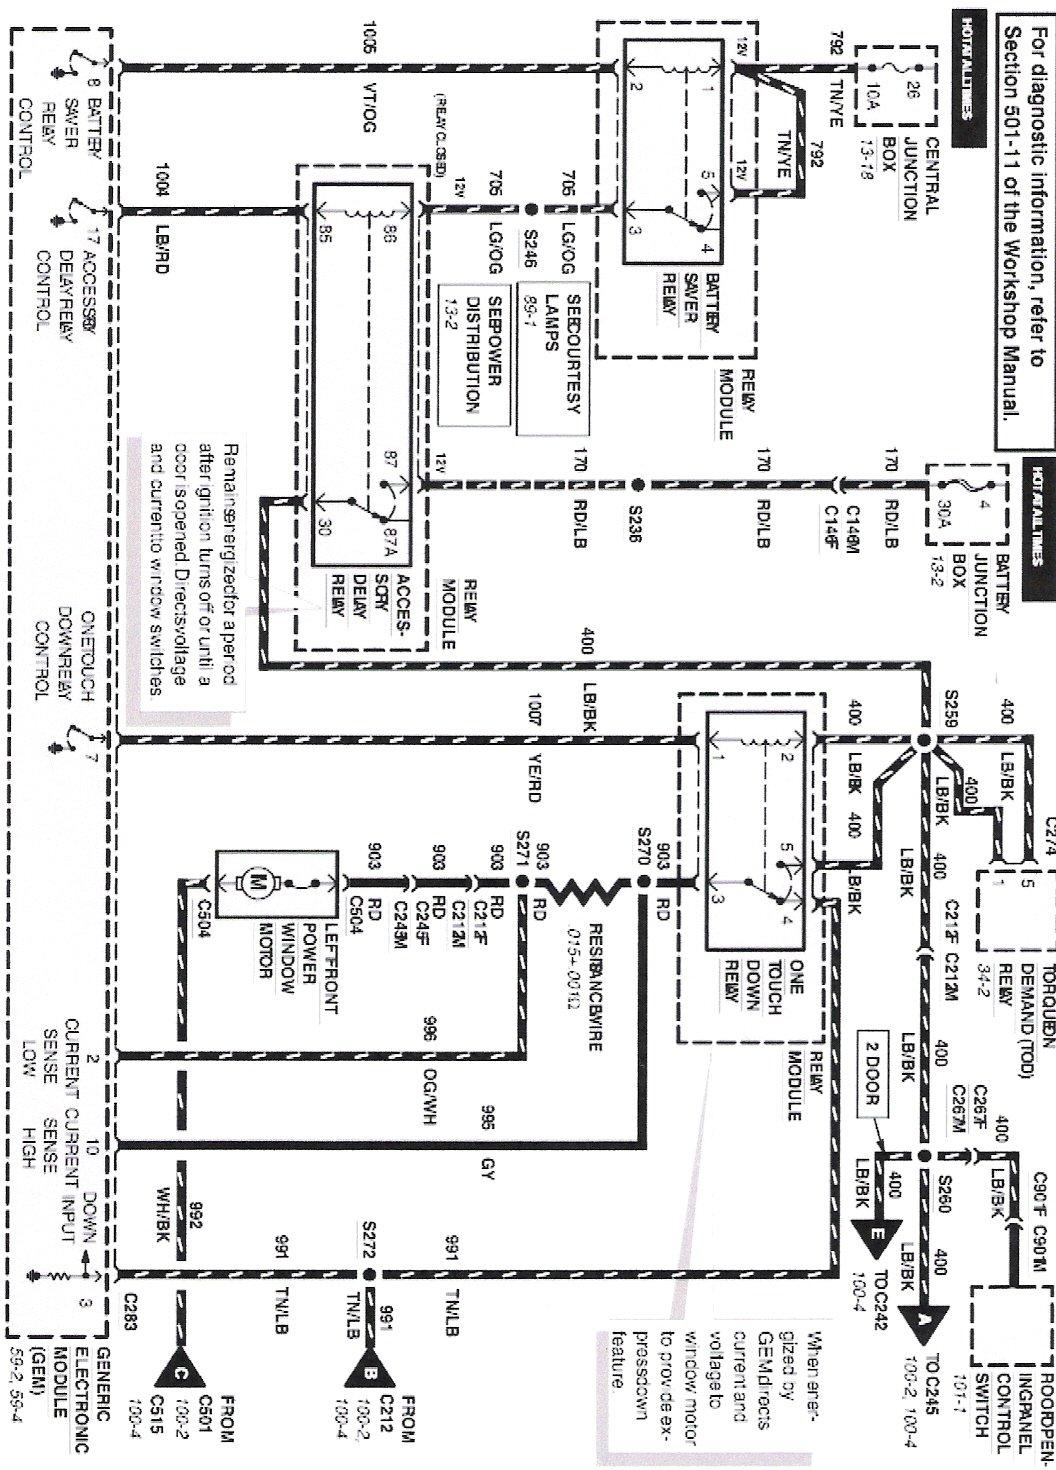 Mercury Mystique Radio Wiring Diagram